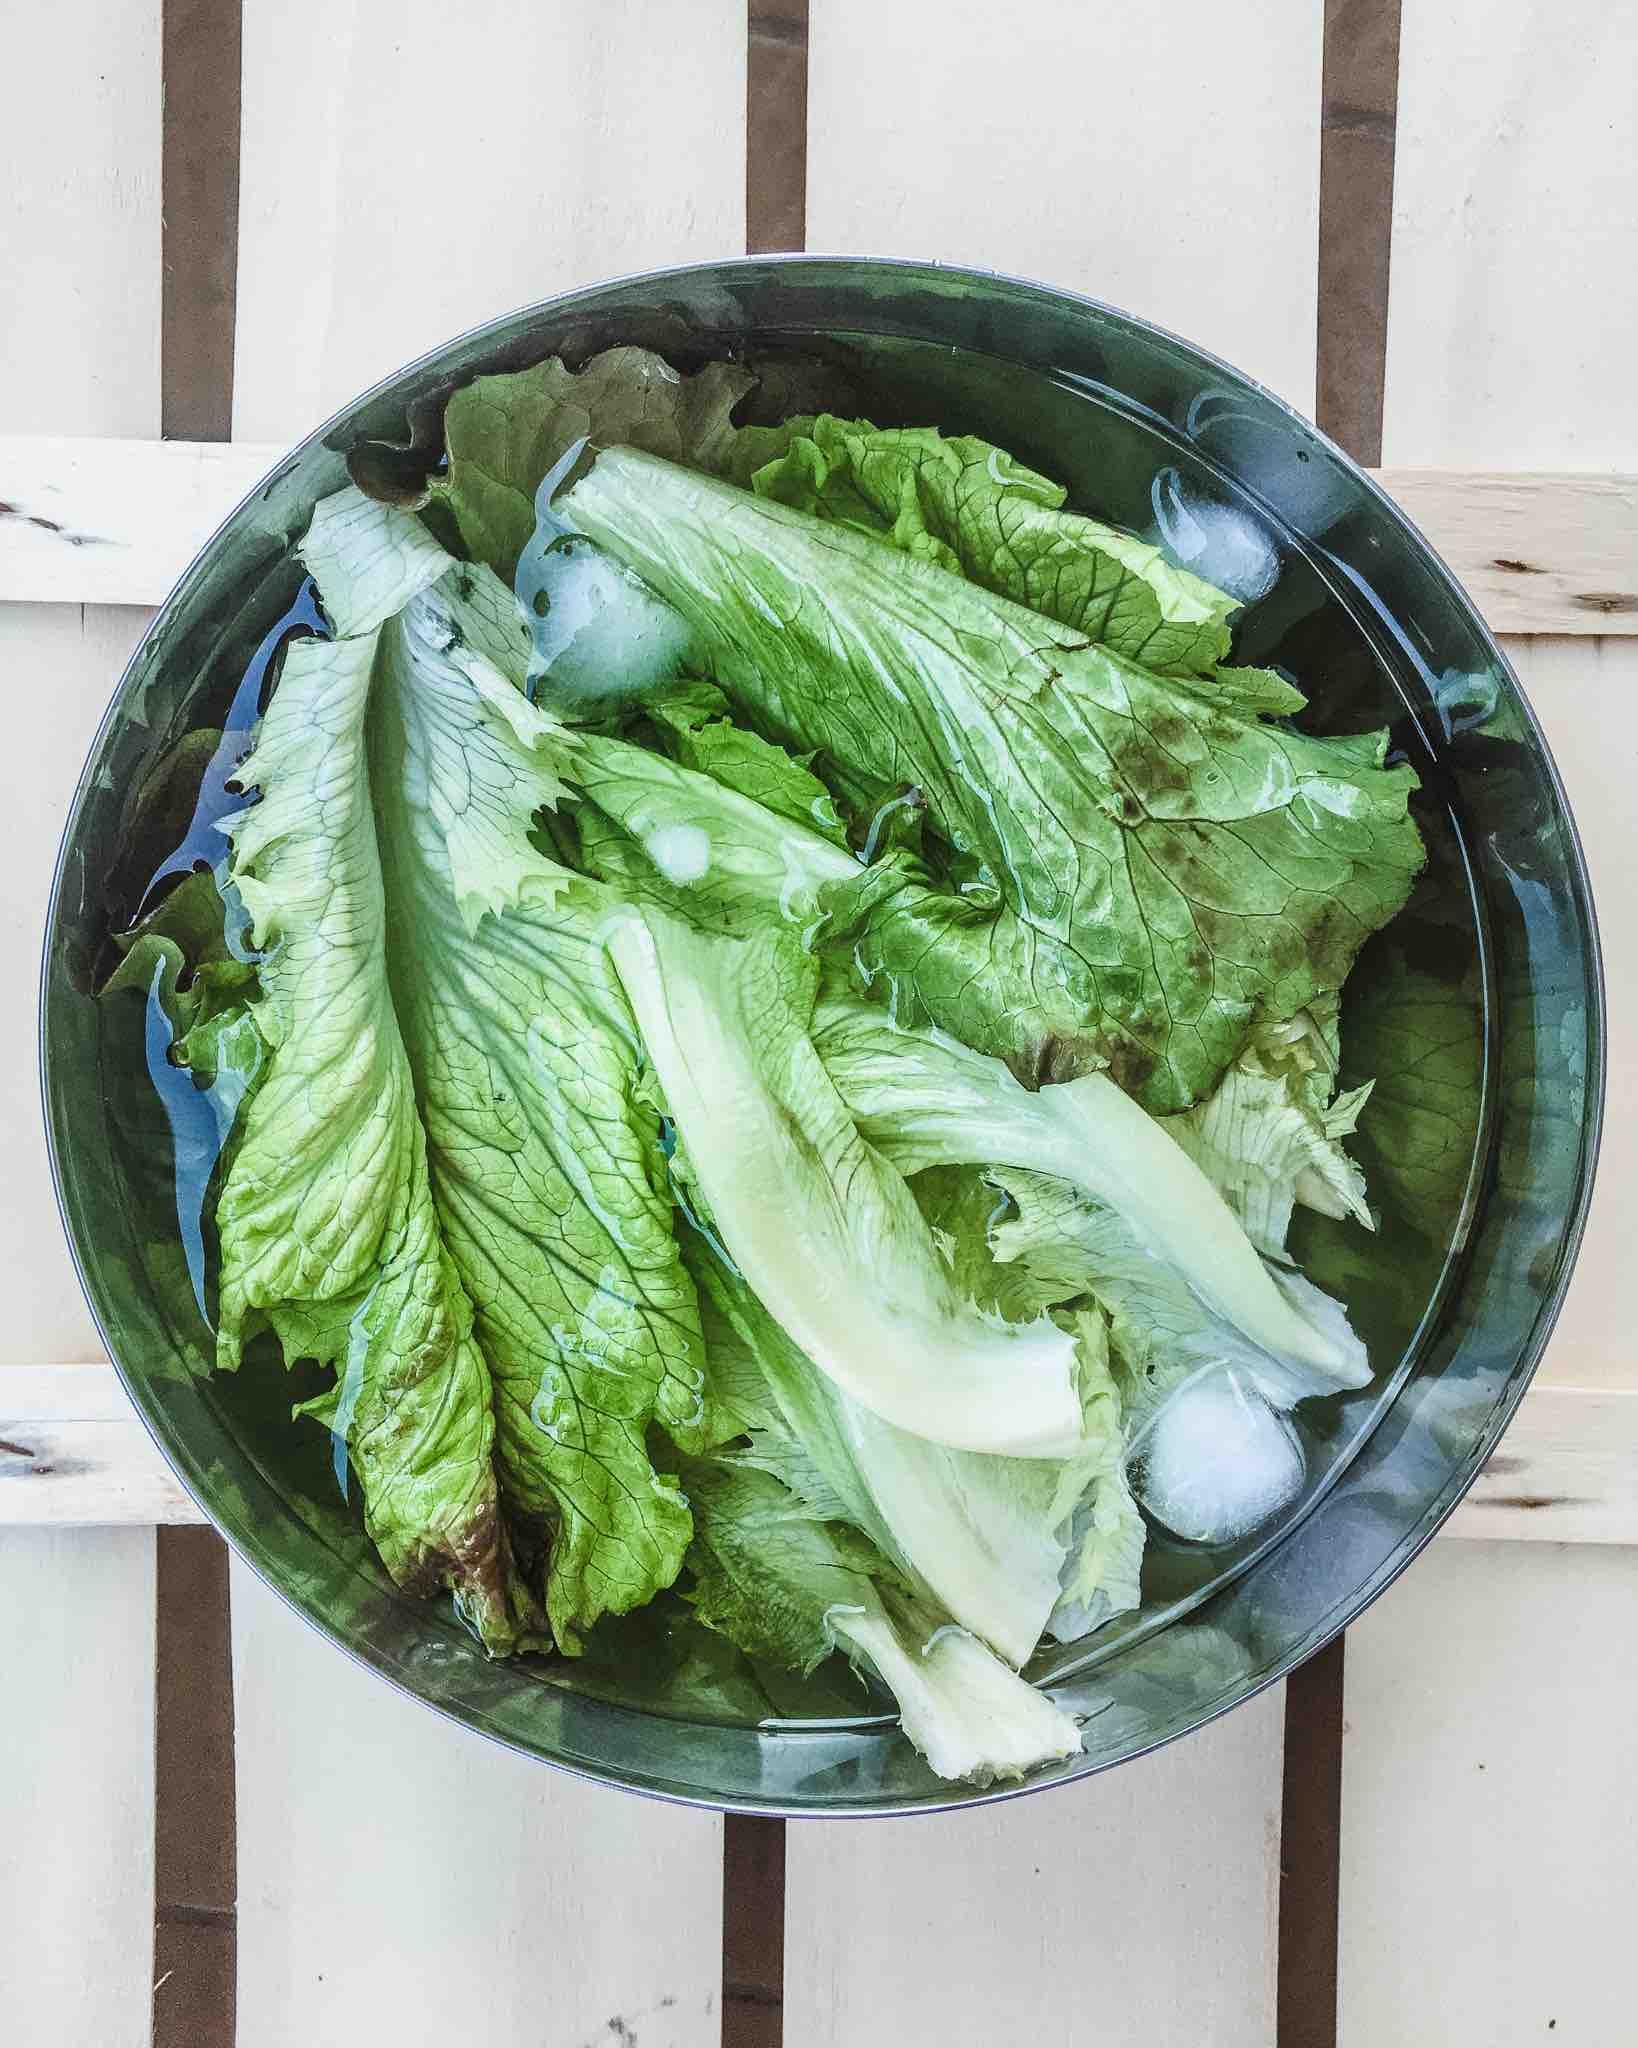 Bio Lebensmittel sind auch für sauberes Wasser wichtig